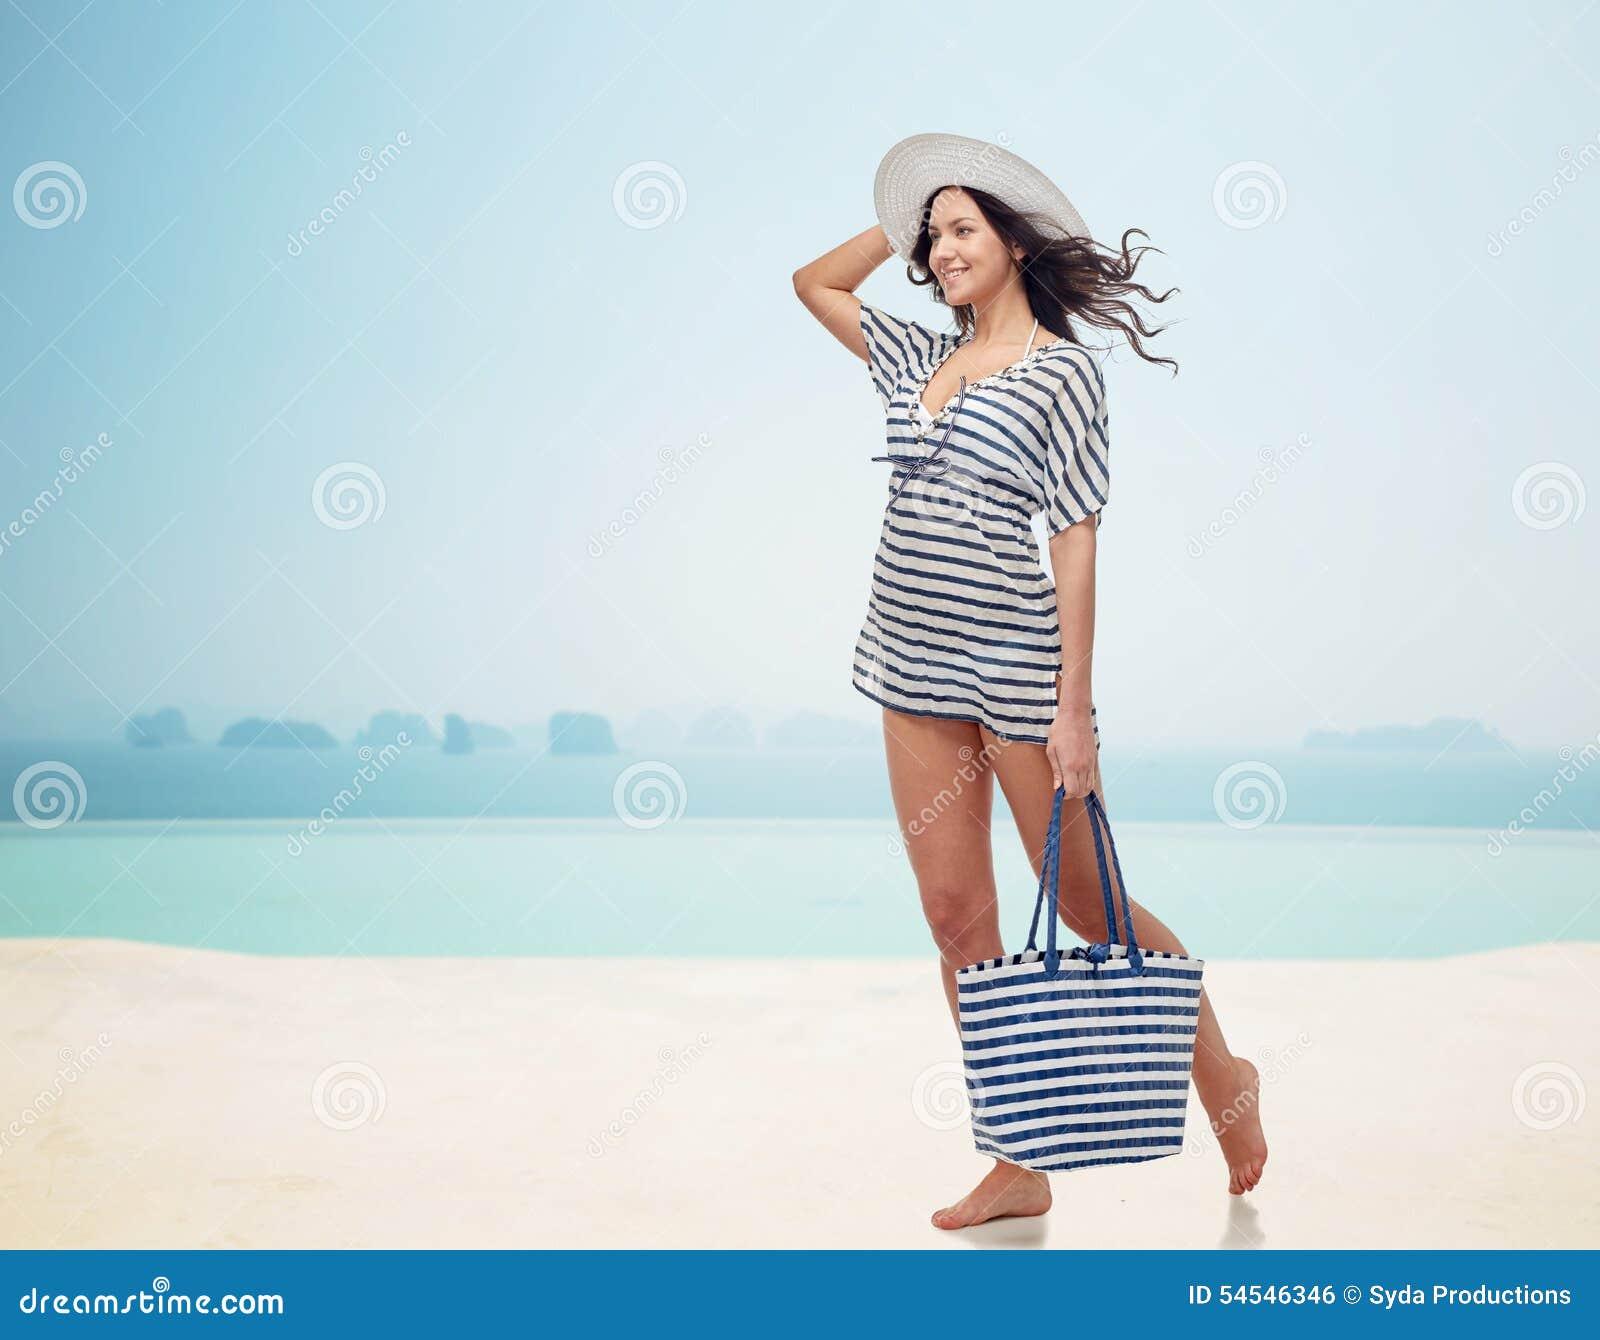 Summer Beach Clothes